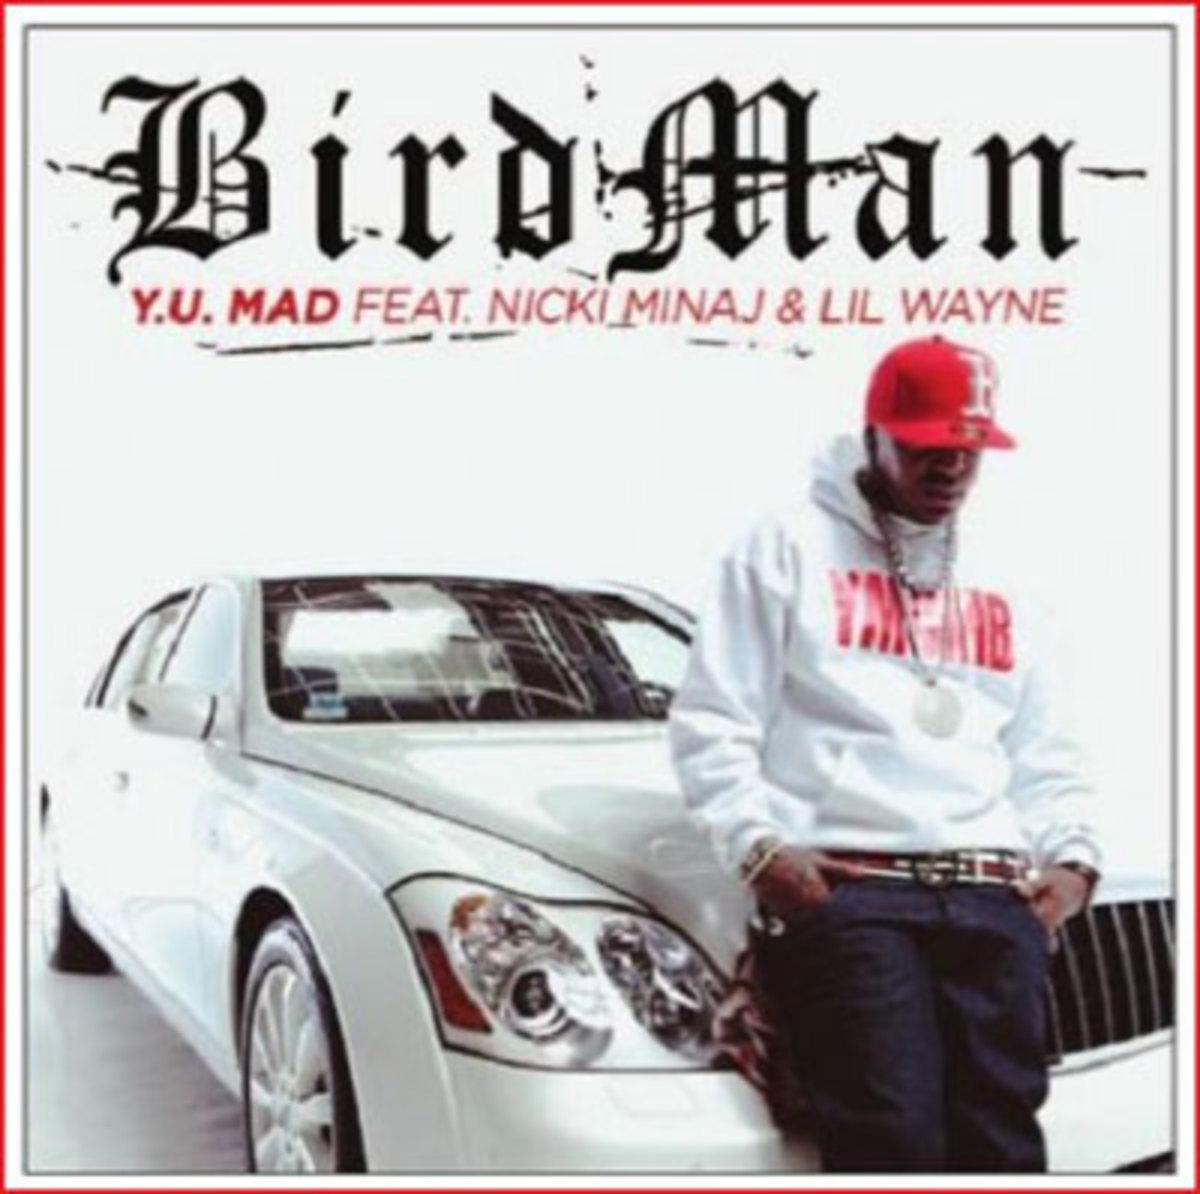 birdman-yumad.jpg